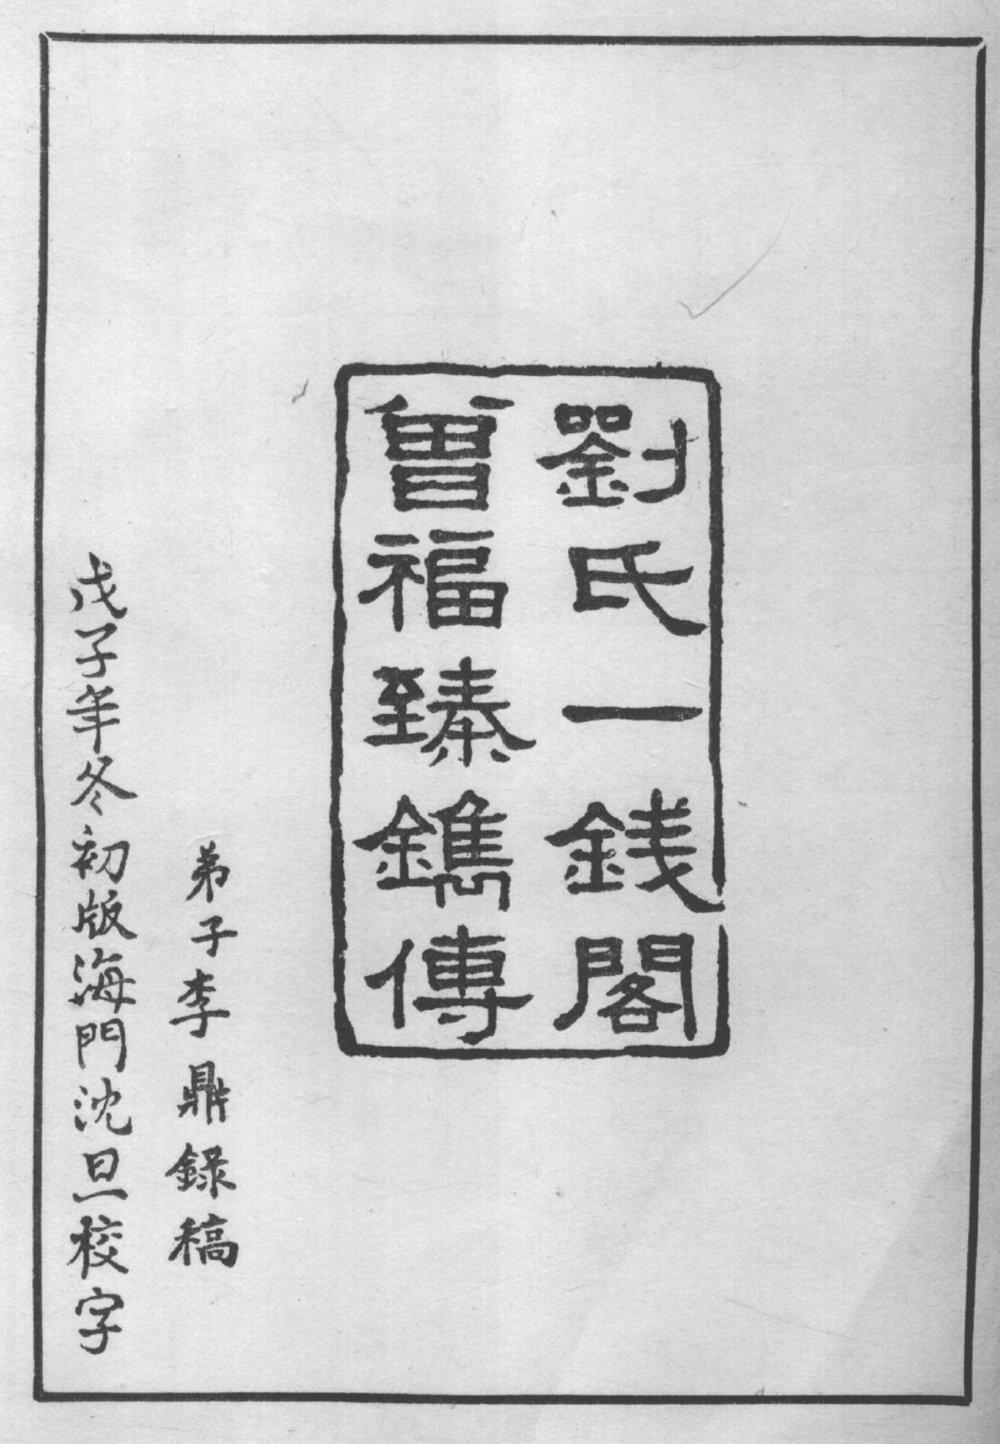 Copyright page B, showing the publisher information 'Liu Shi Yi Qian Ge Zeng Fu Zhen Juan Zhuan Chuan 劉氏一錢閣曾福臻鐫傳' (Engraved and Issued by Zeng Fuzhen at Liu's One-Coin Pavilion), and the information on the transcriber and the collator: 'Di Zi Li Ding Lu Gao 弟子李鼎録稿' (Transcribed by [Yang's] Student Li Ding) and 'Wu Zi Nian Dong Chu Ban Hai Men Shen Dan Jiao Zi 戊子年冬初版海門沈旦校字' (First Published in the Winter of 1948, Collated by Shen Dan of Haimen).